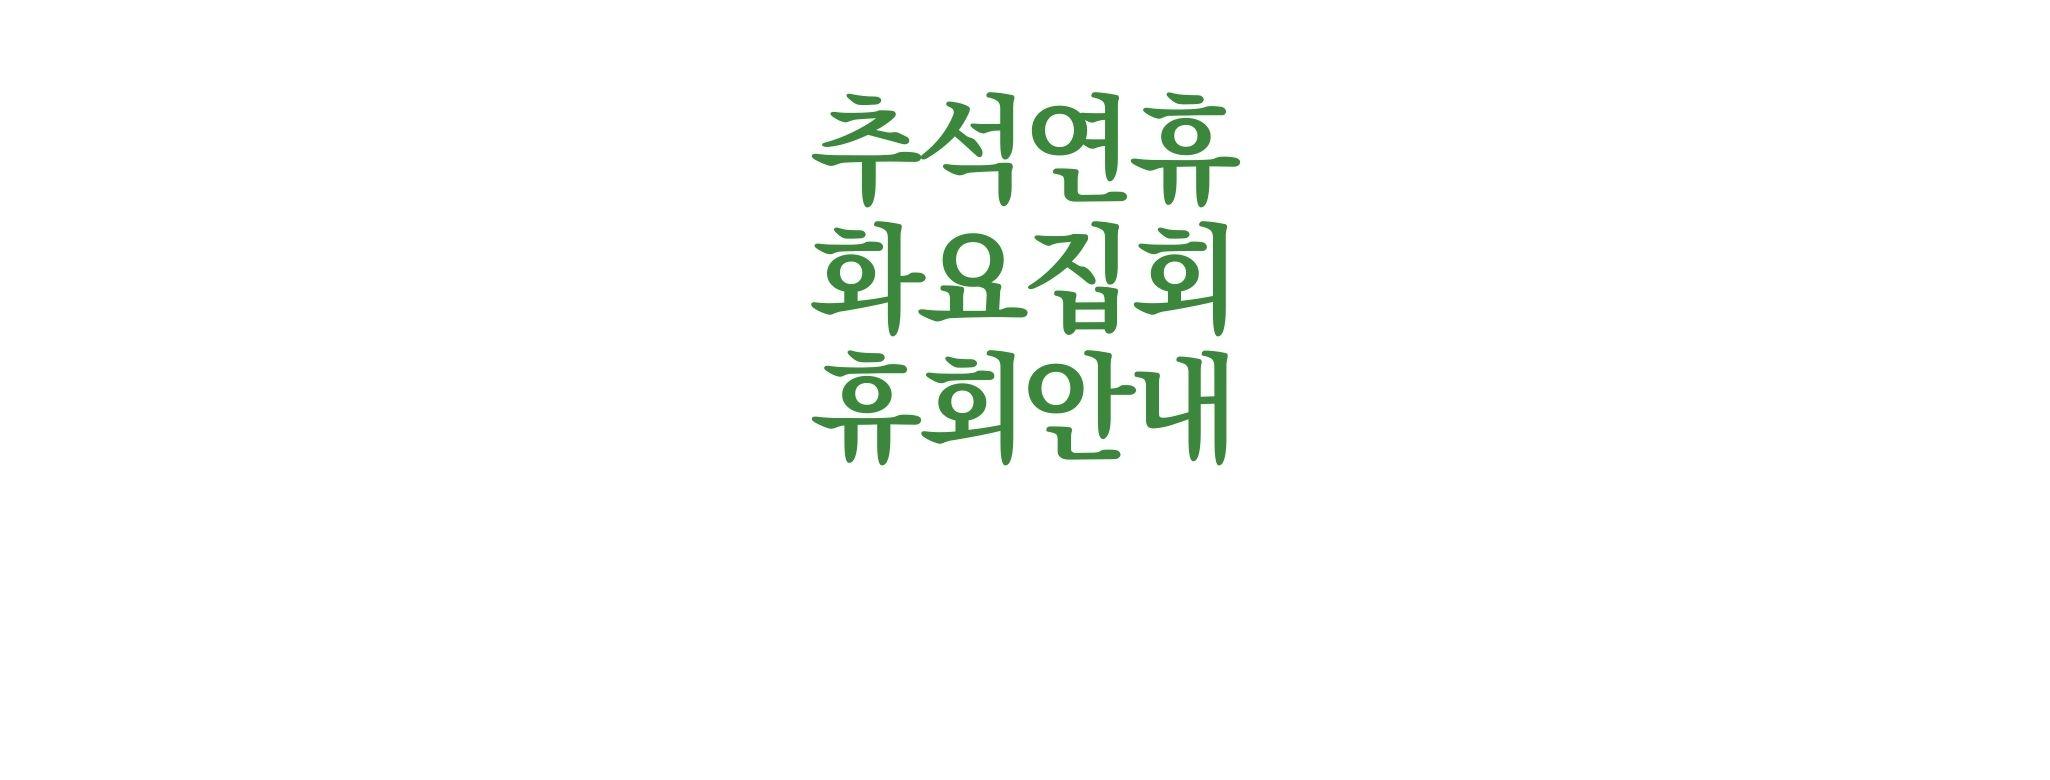 9/21추석 휴회 안내